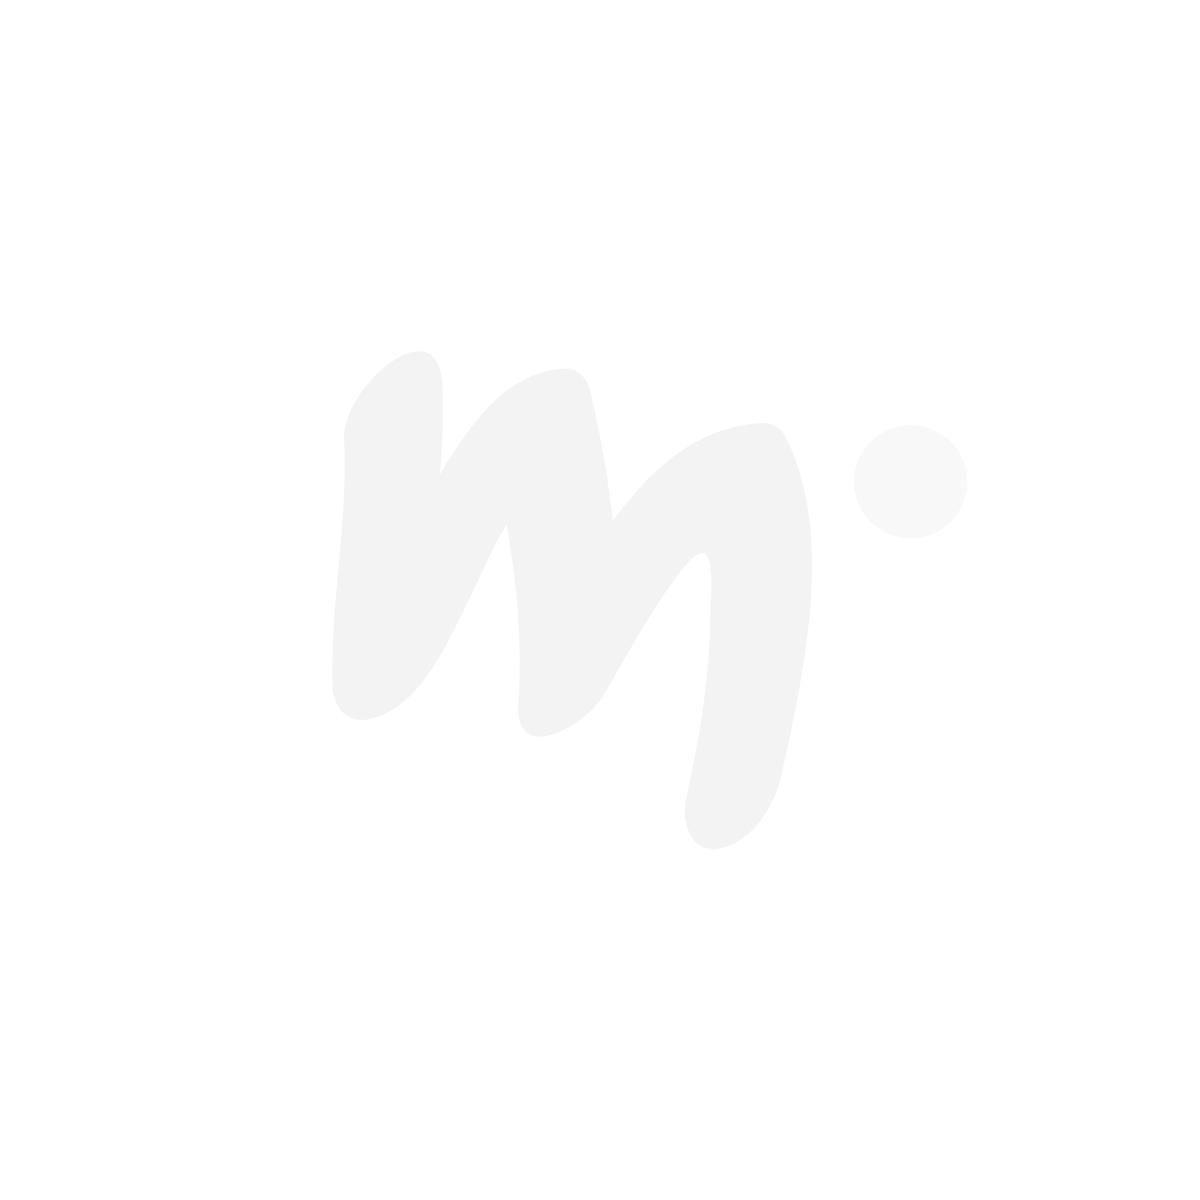 Peppi Pitkätossu Huvikummussa-huppari